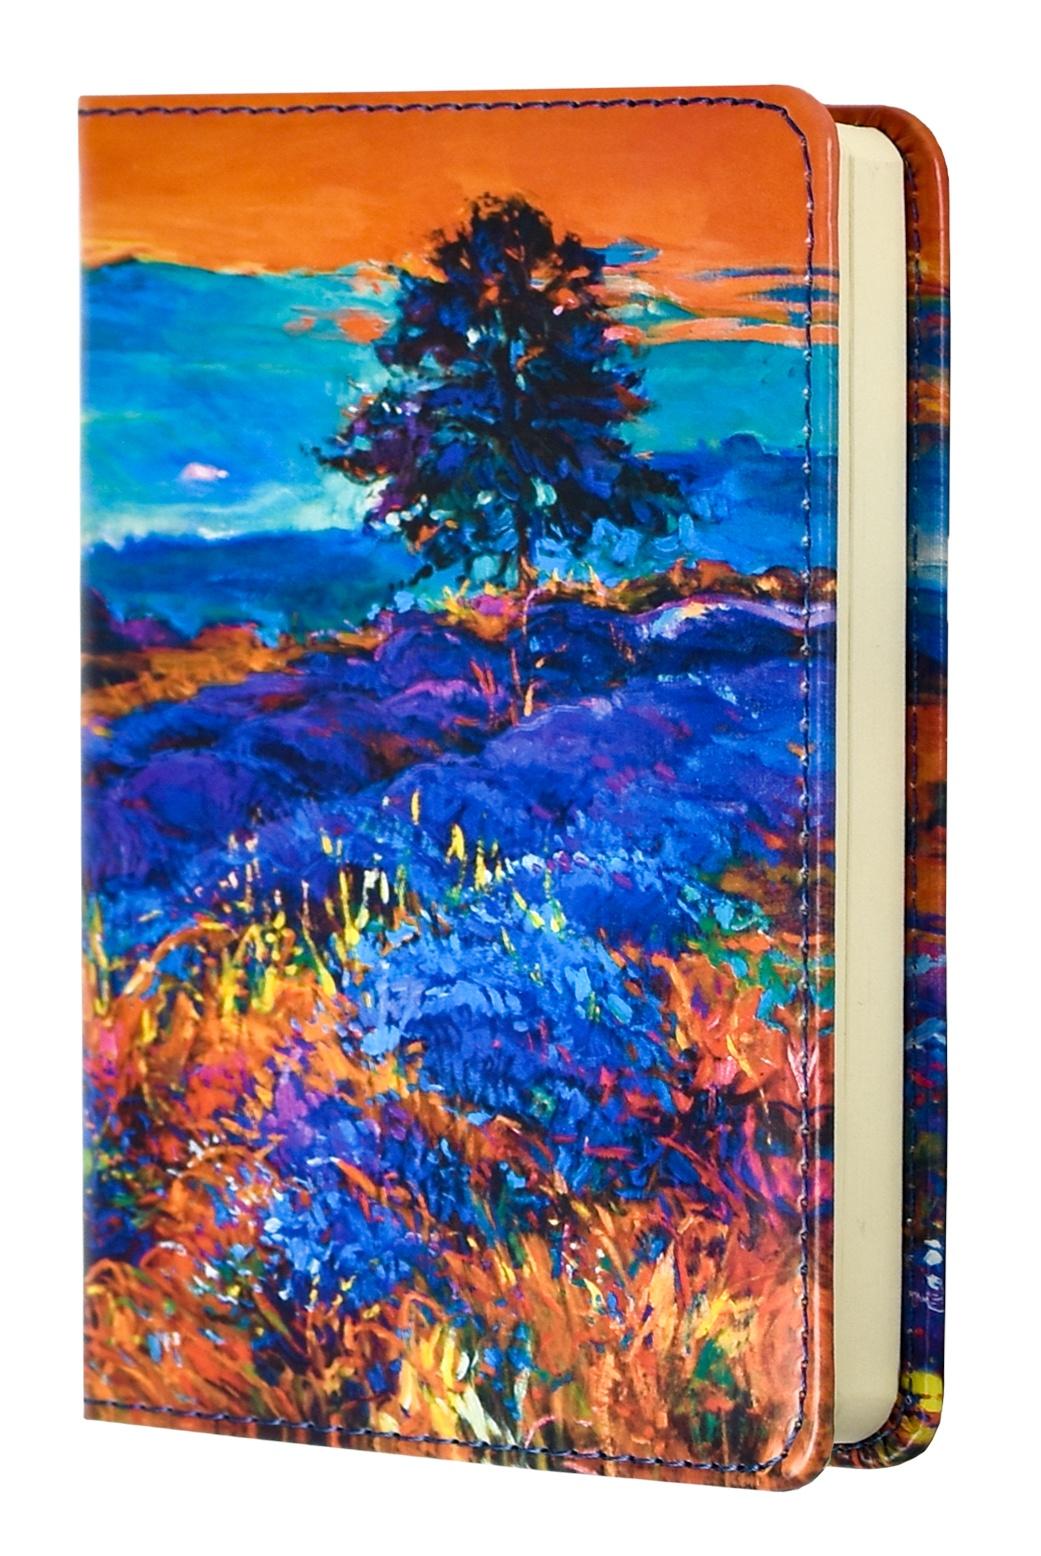 Ежедневник недатированный Феникс Цветущий Луг, А6+, 117*168 мм, 192 страницы купить по цене 375 руб. в Москве — Юмитой